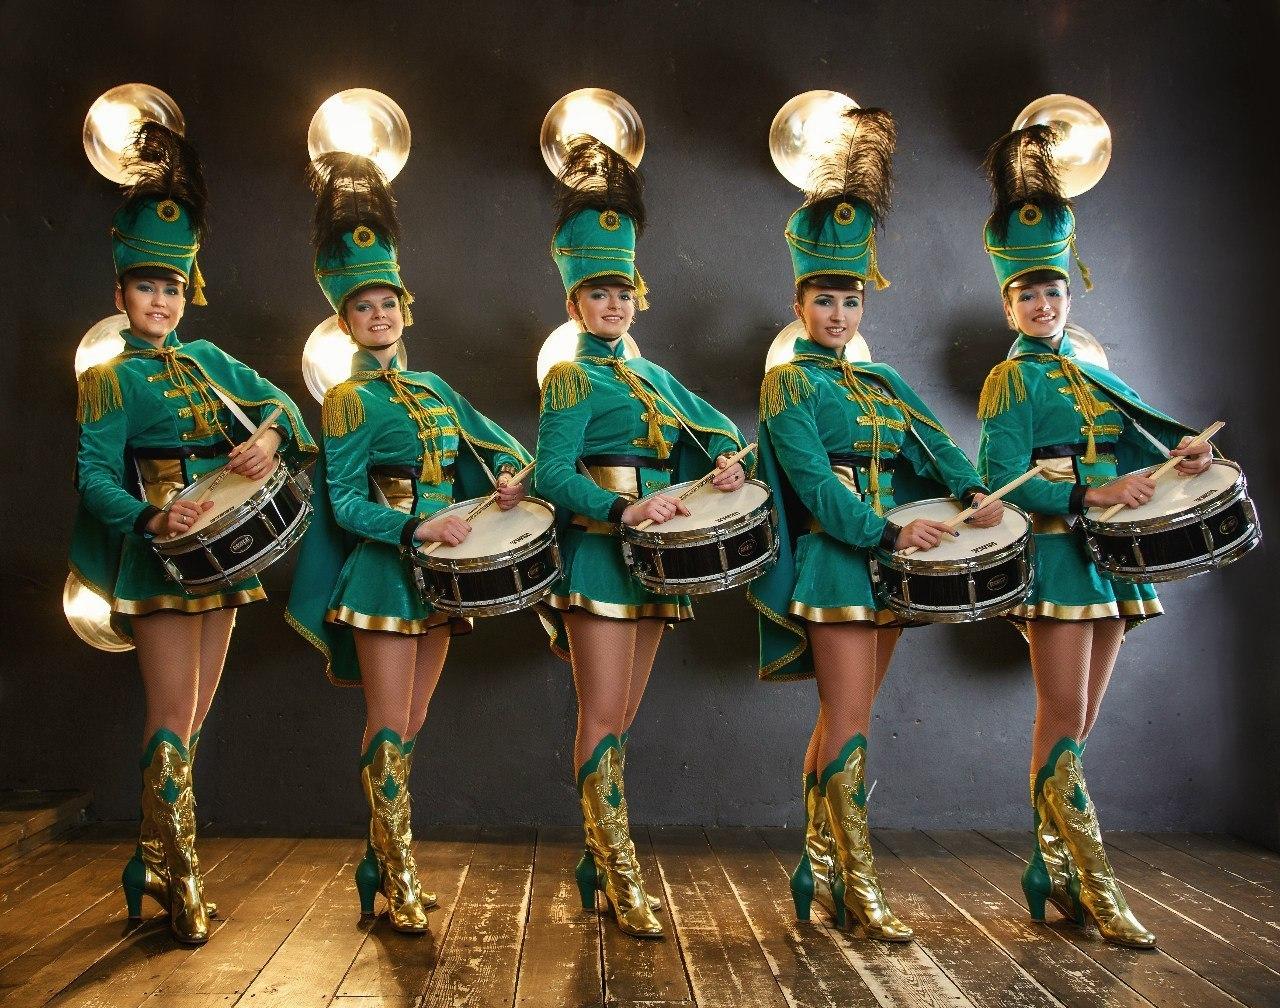 живу девушки в зеленой форме танцуют инцест свекр